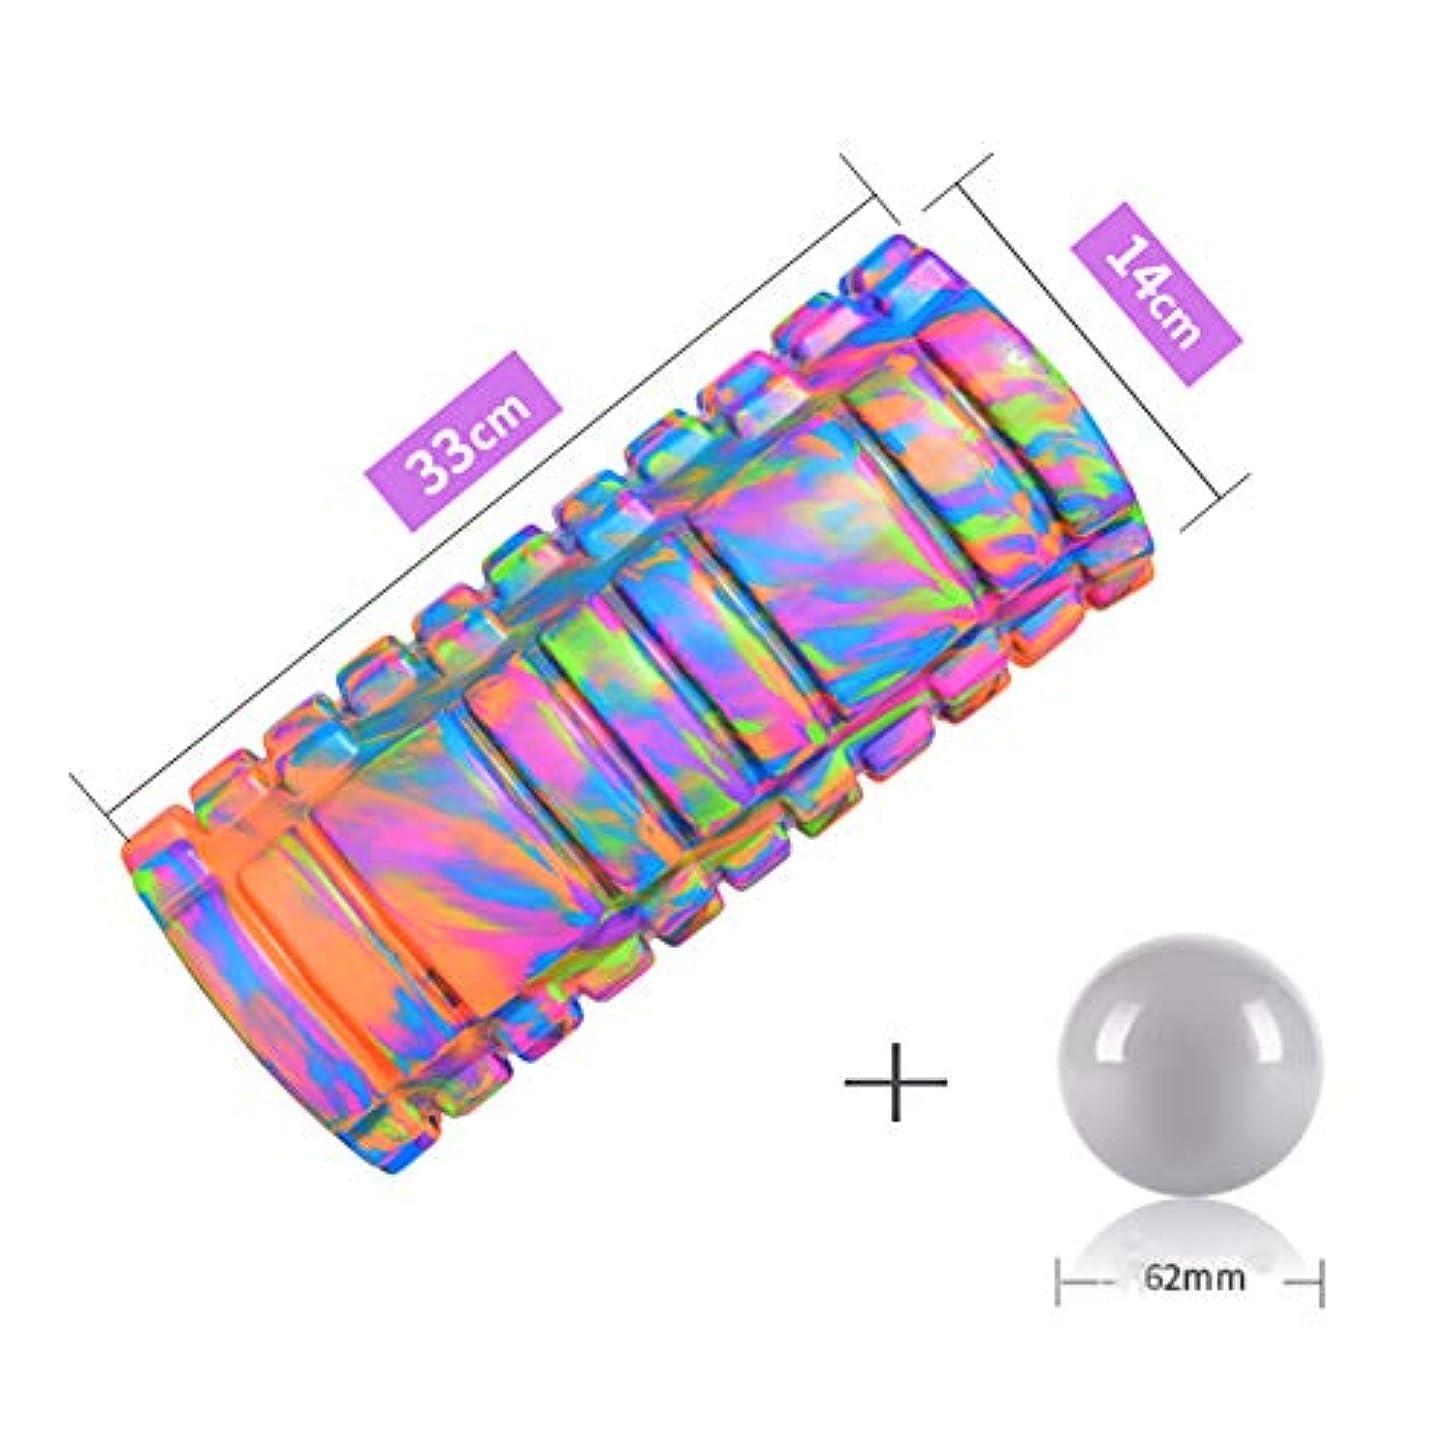 振る舞い夕食を食べるカルシウムフォームローラー 2-in-1強力フォームローラーとマッサージボール中密度のティッシュペーパーで筋肉マッサージと筋筋膜のトリガーポイントを解除,Purple